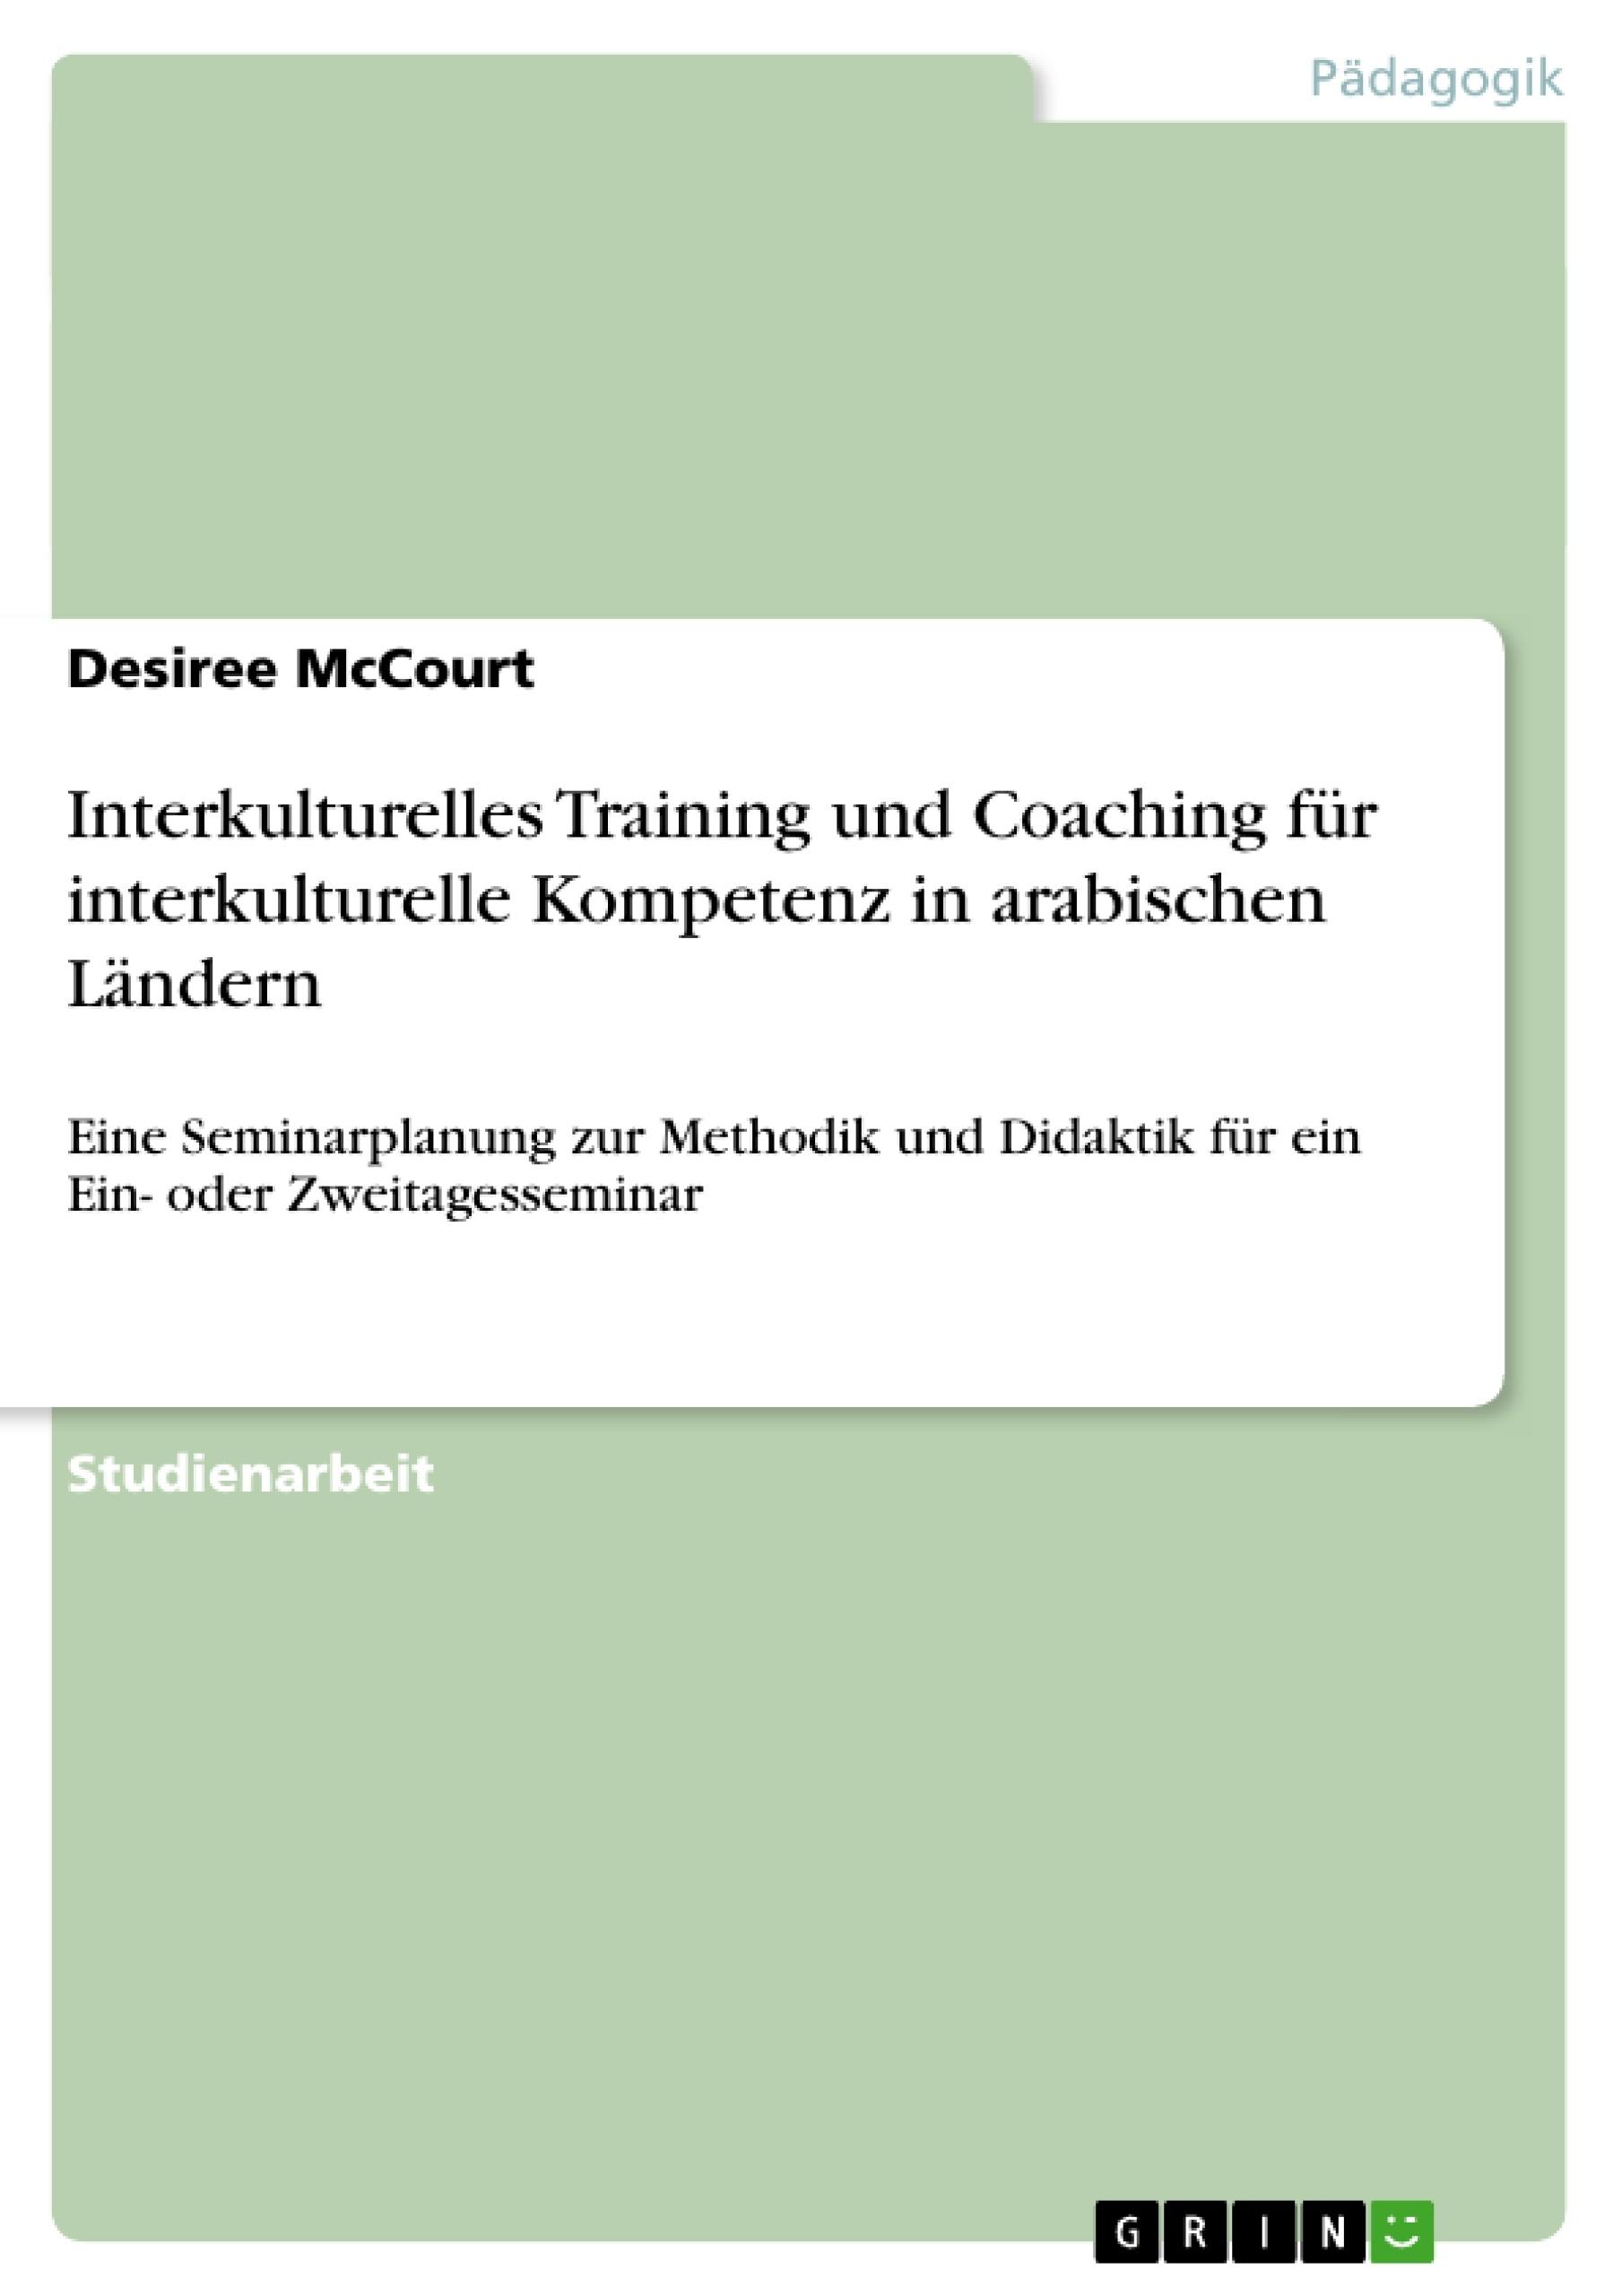 Titel: Interkulturelles Training und Coaching für interkulturelle Kompetenz in arabischen Ländern